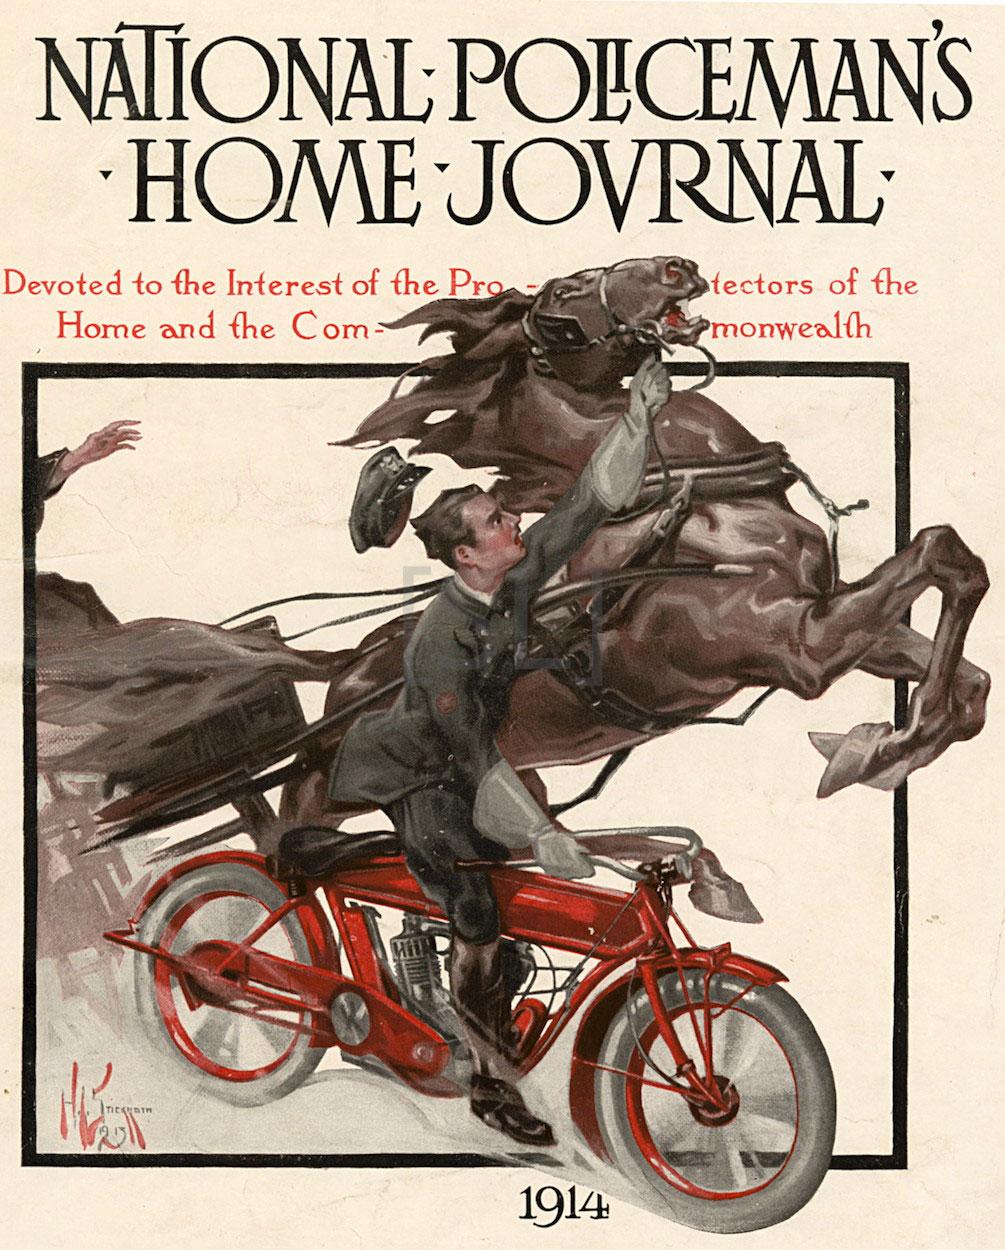 National Policeman's Home Journal